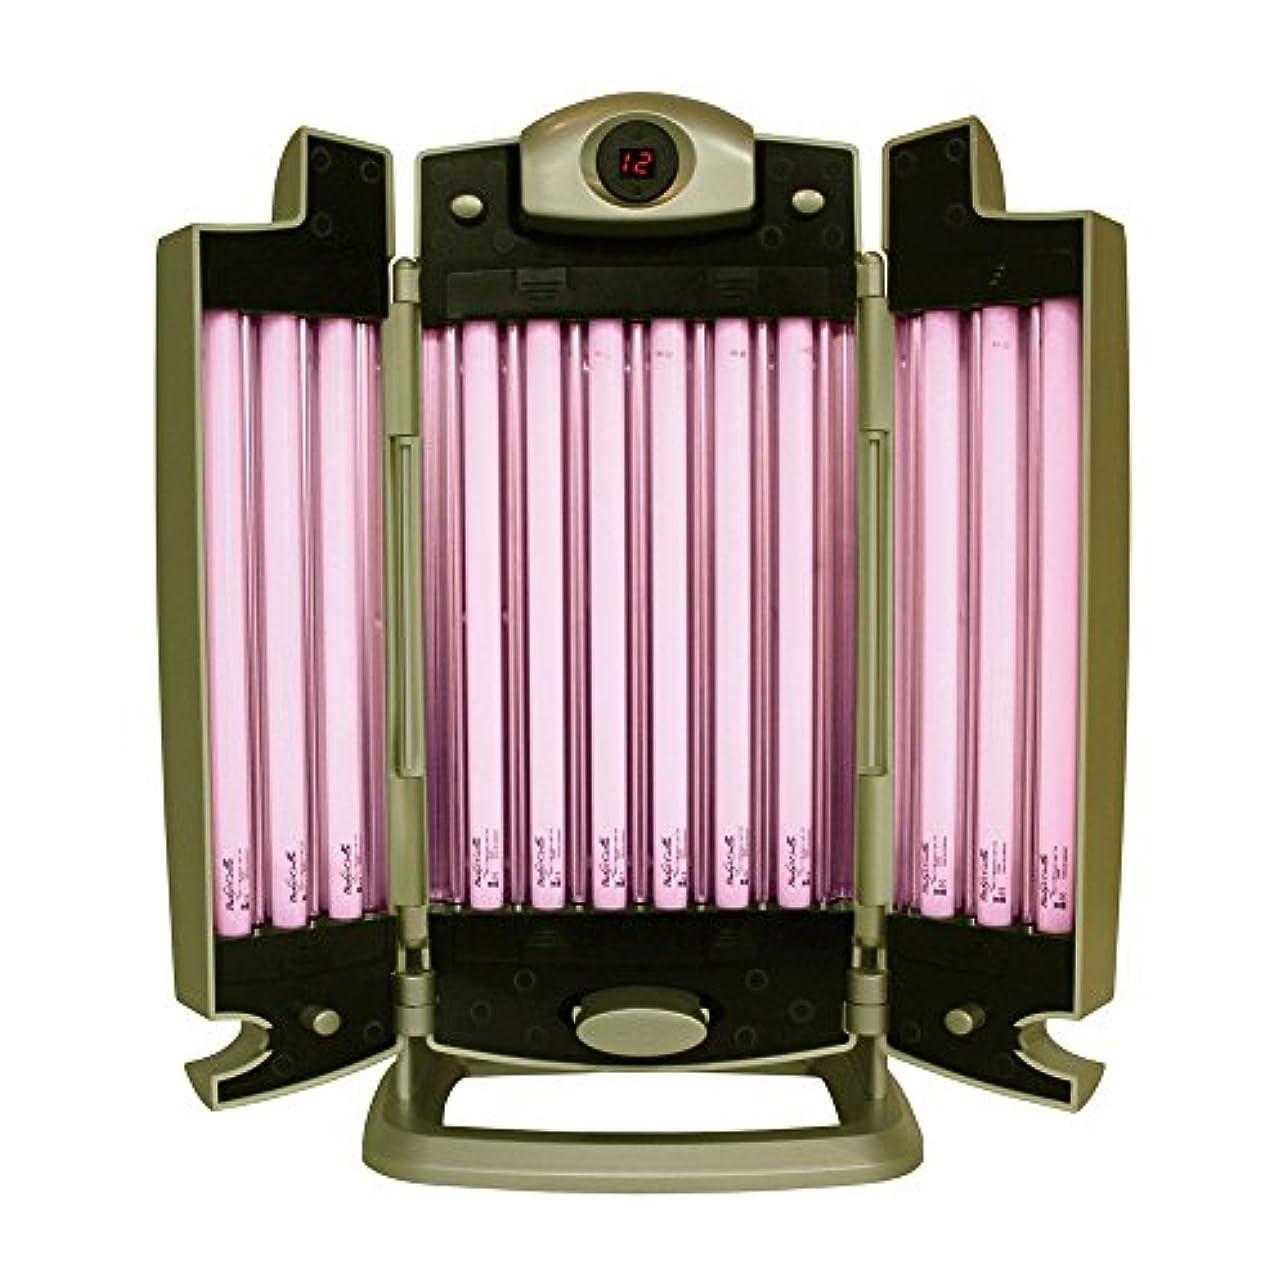 物理的に不格好粗いBeauty Light(ビューティーライト) フェイシャル パーフェクトケアセット